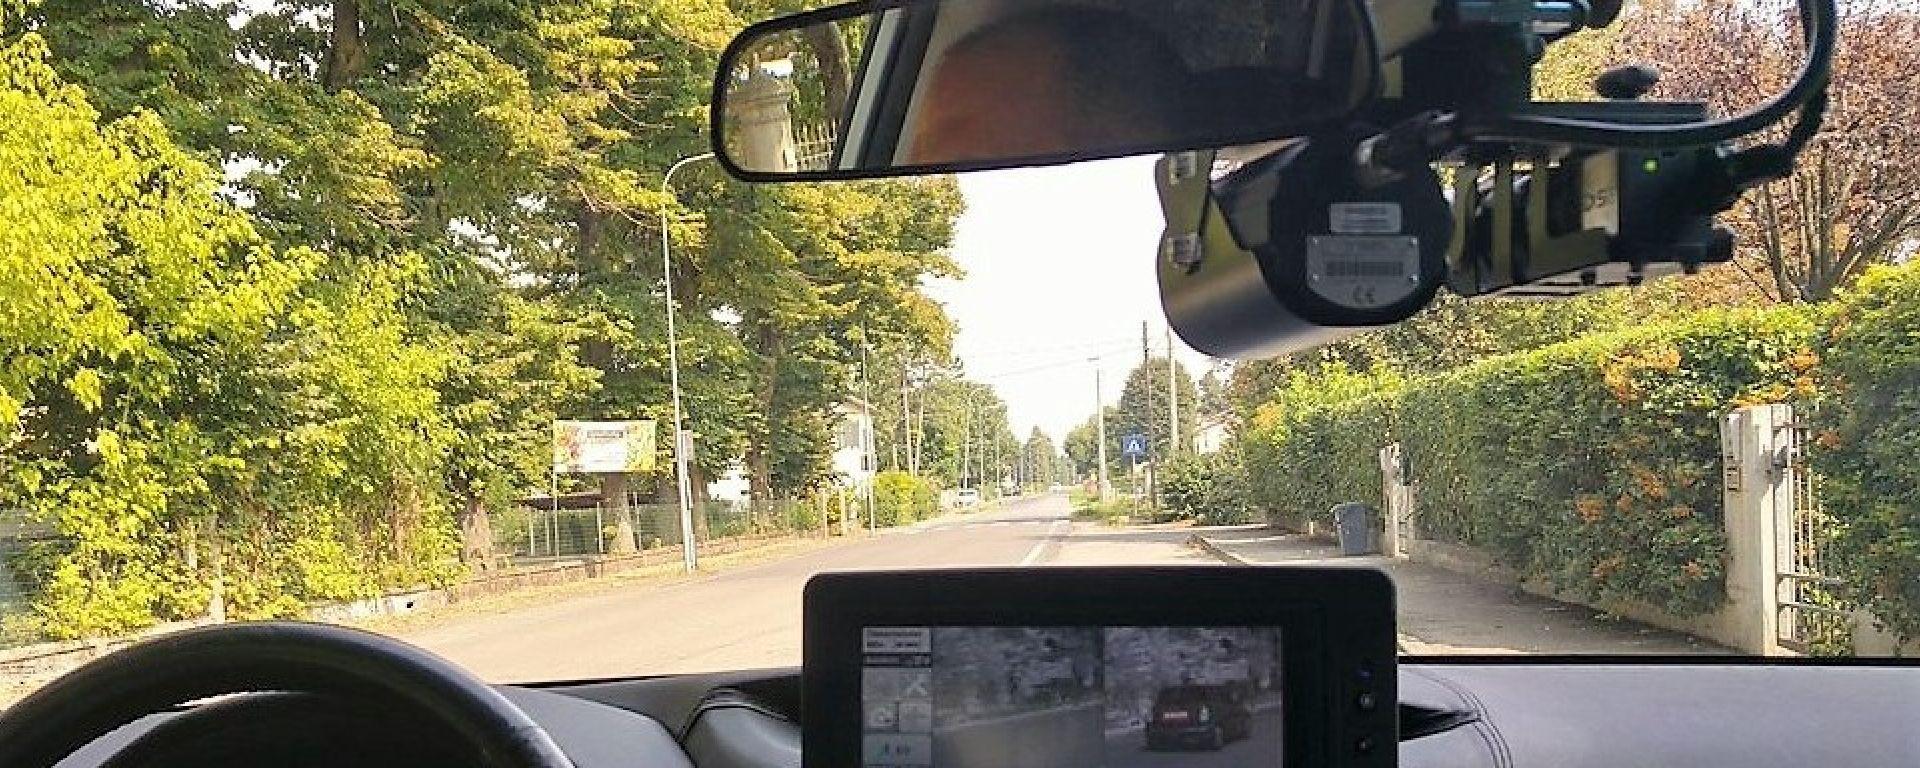 Nuovi Autovelox a Milano: arrivano a settembre. Ecco dove